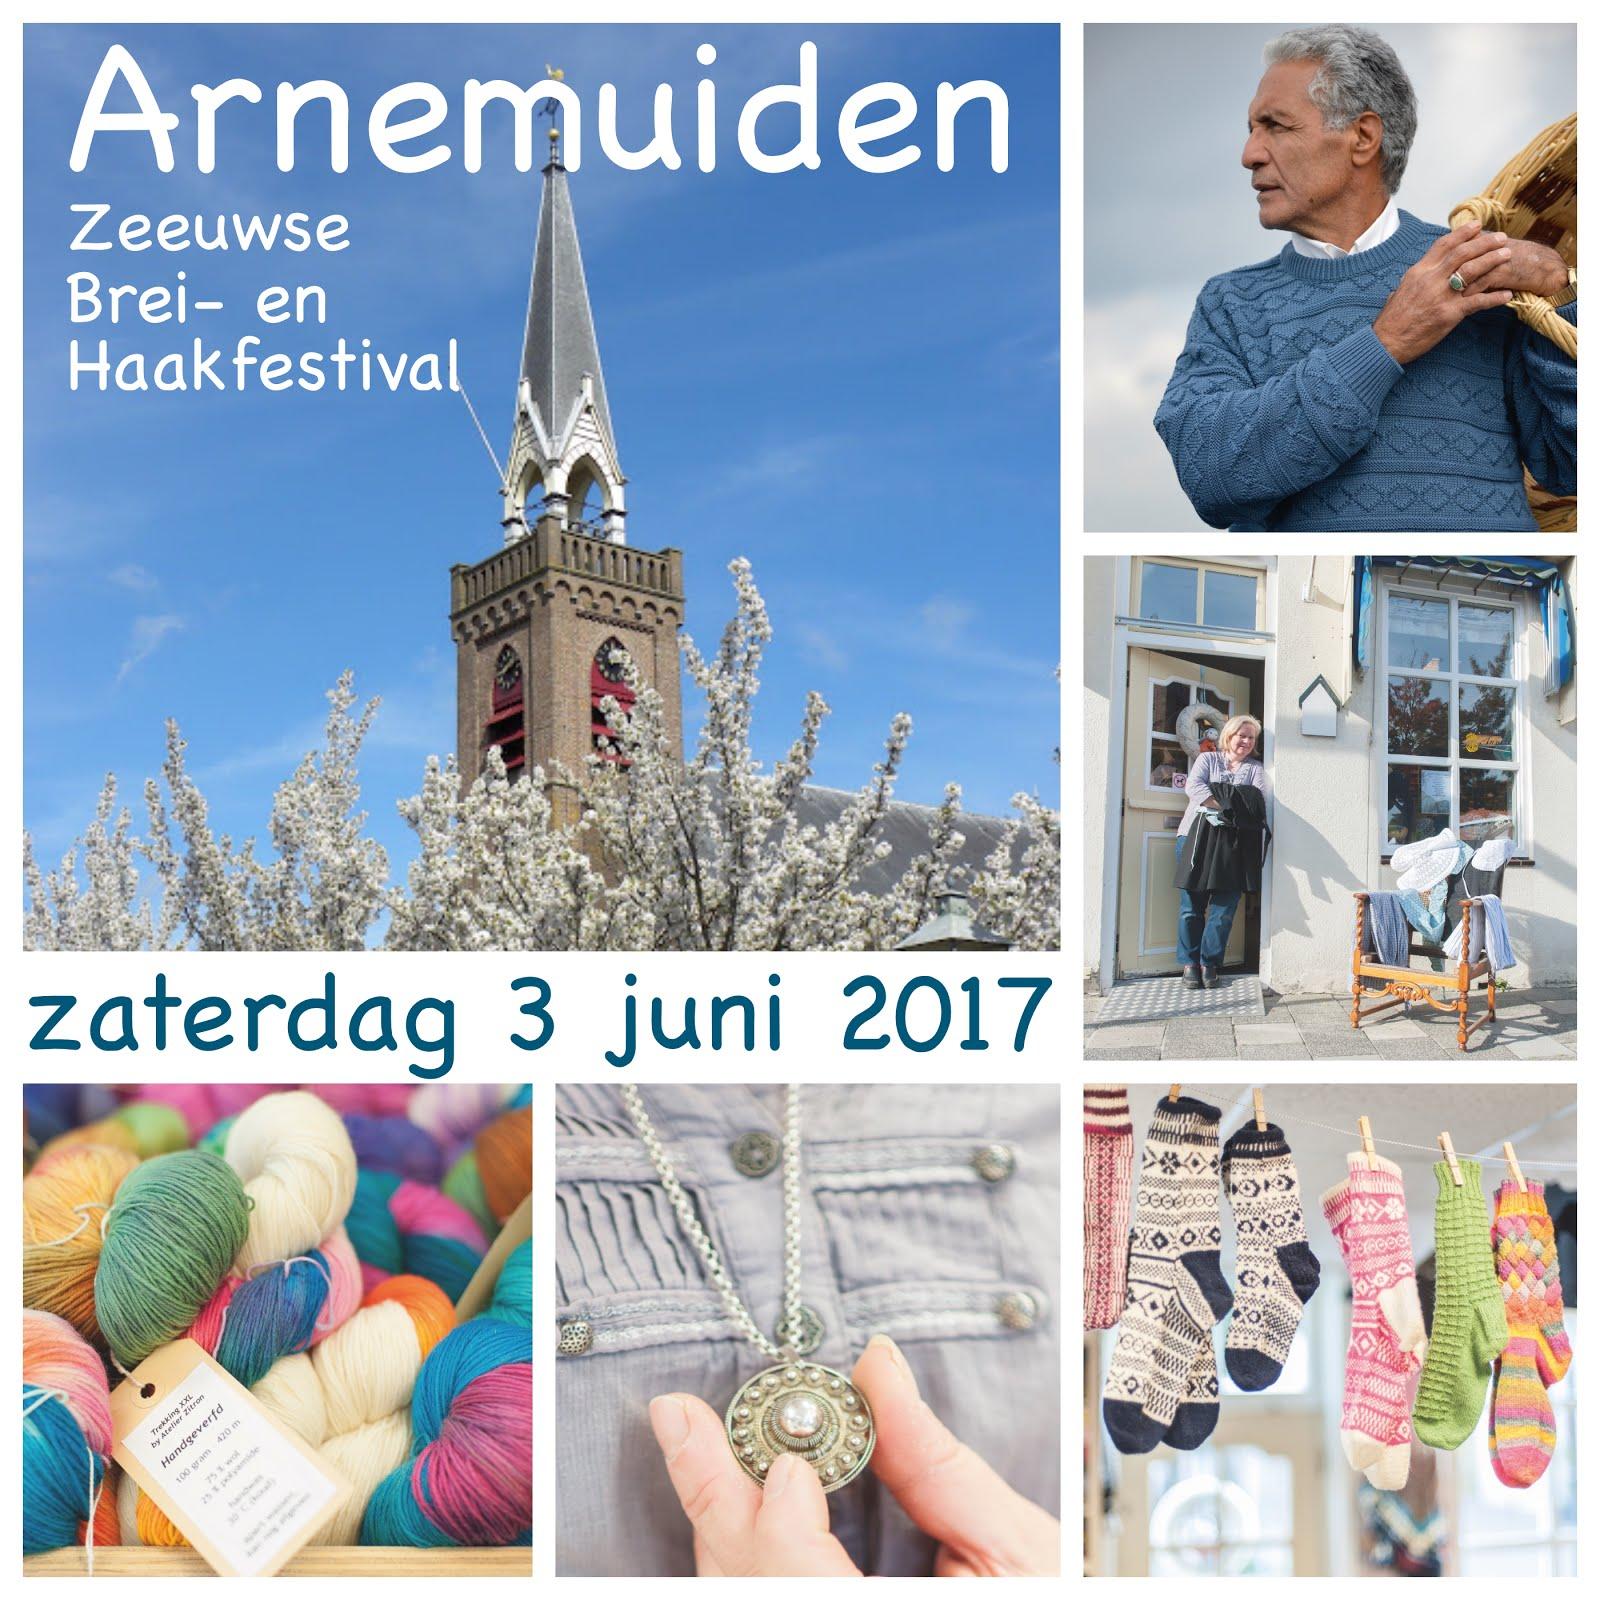 Brei- en Haakfestival 2017